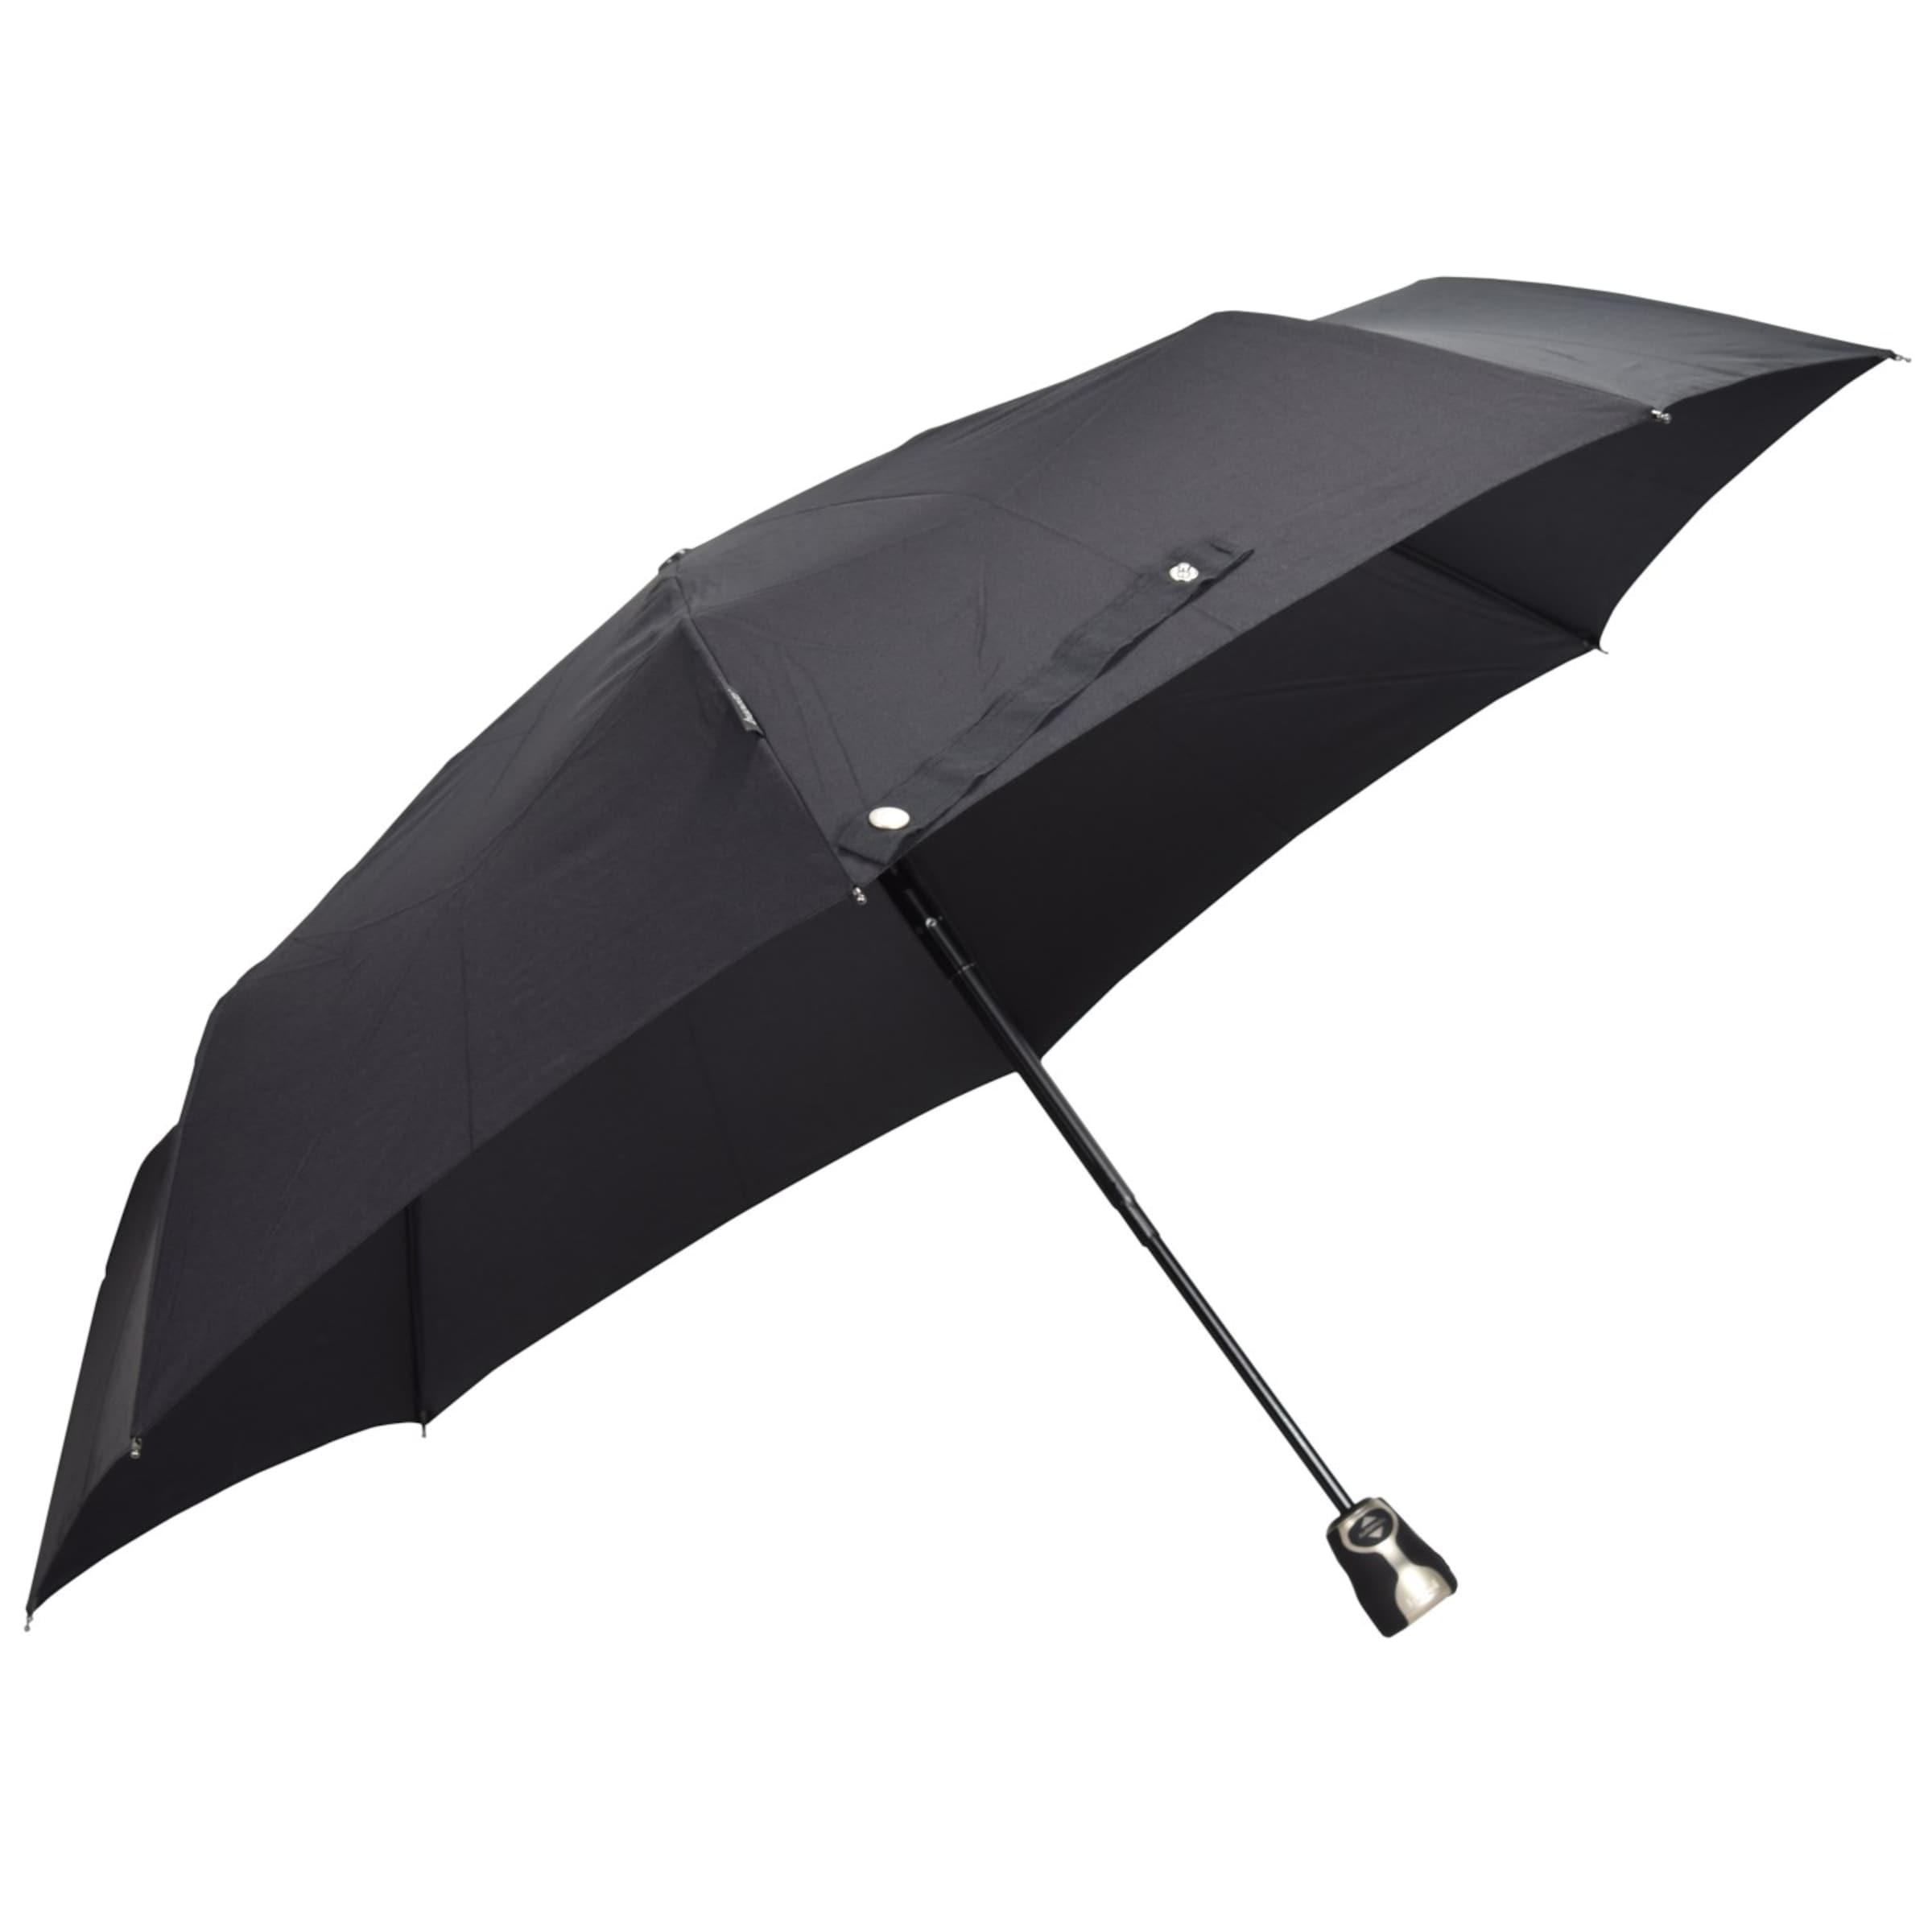 En Noir Parapluie Parapluie Bugatti En Bugatti Bugatti Parapluie Noir Y7ybf6g